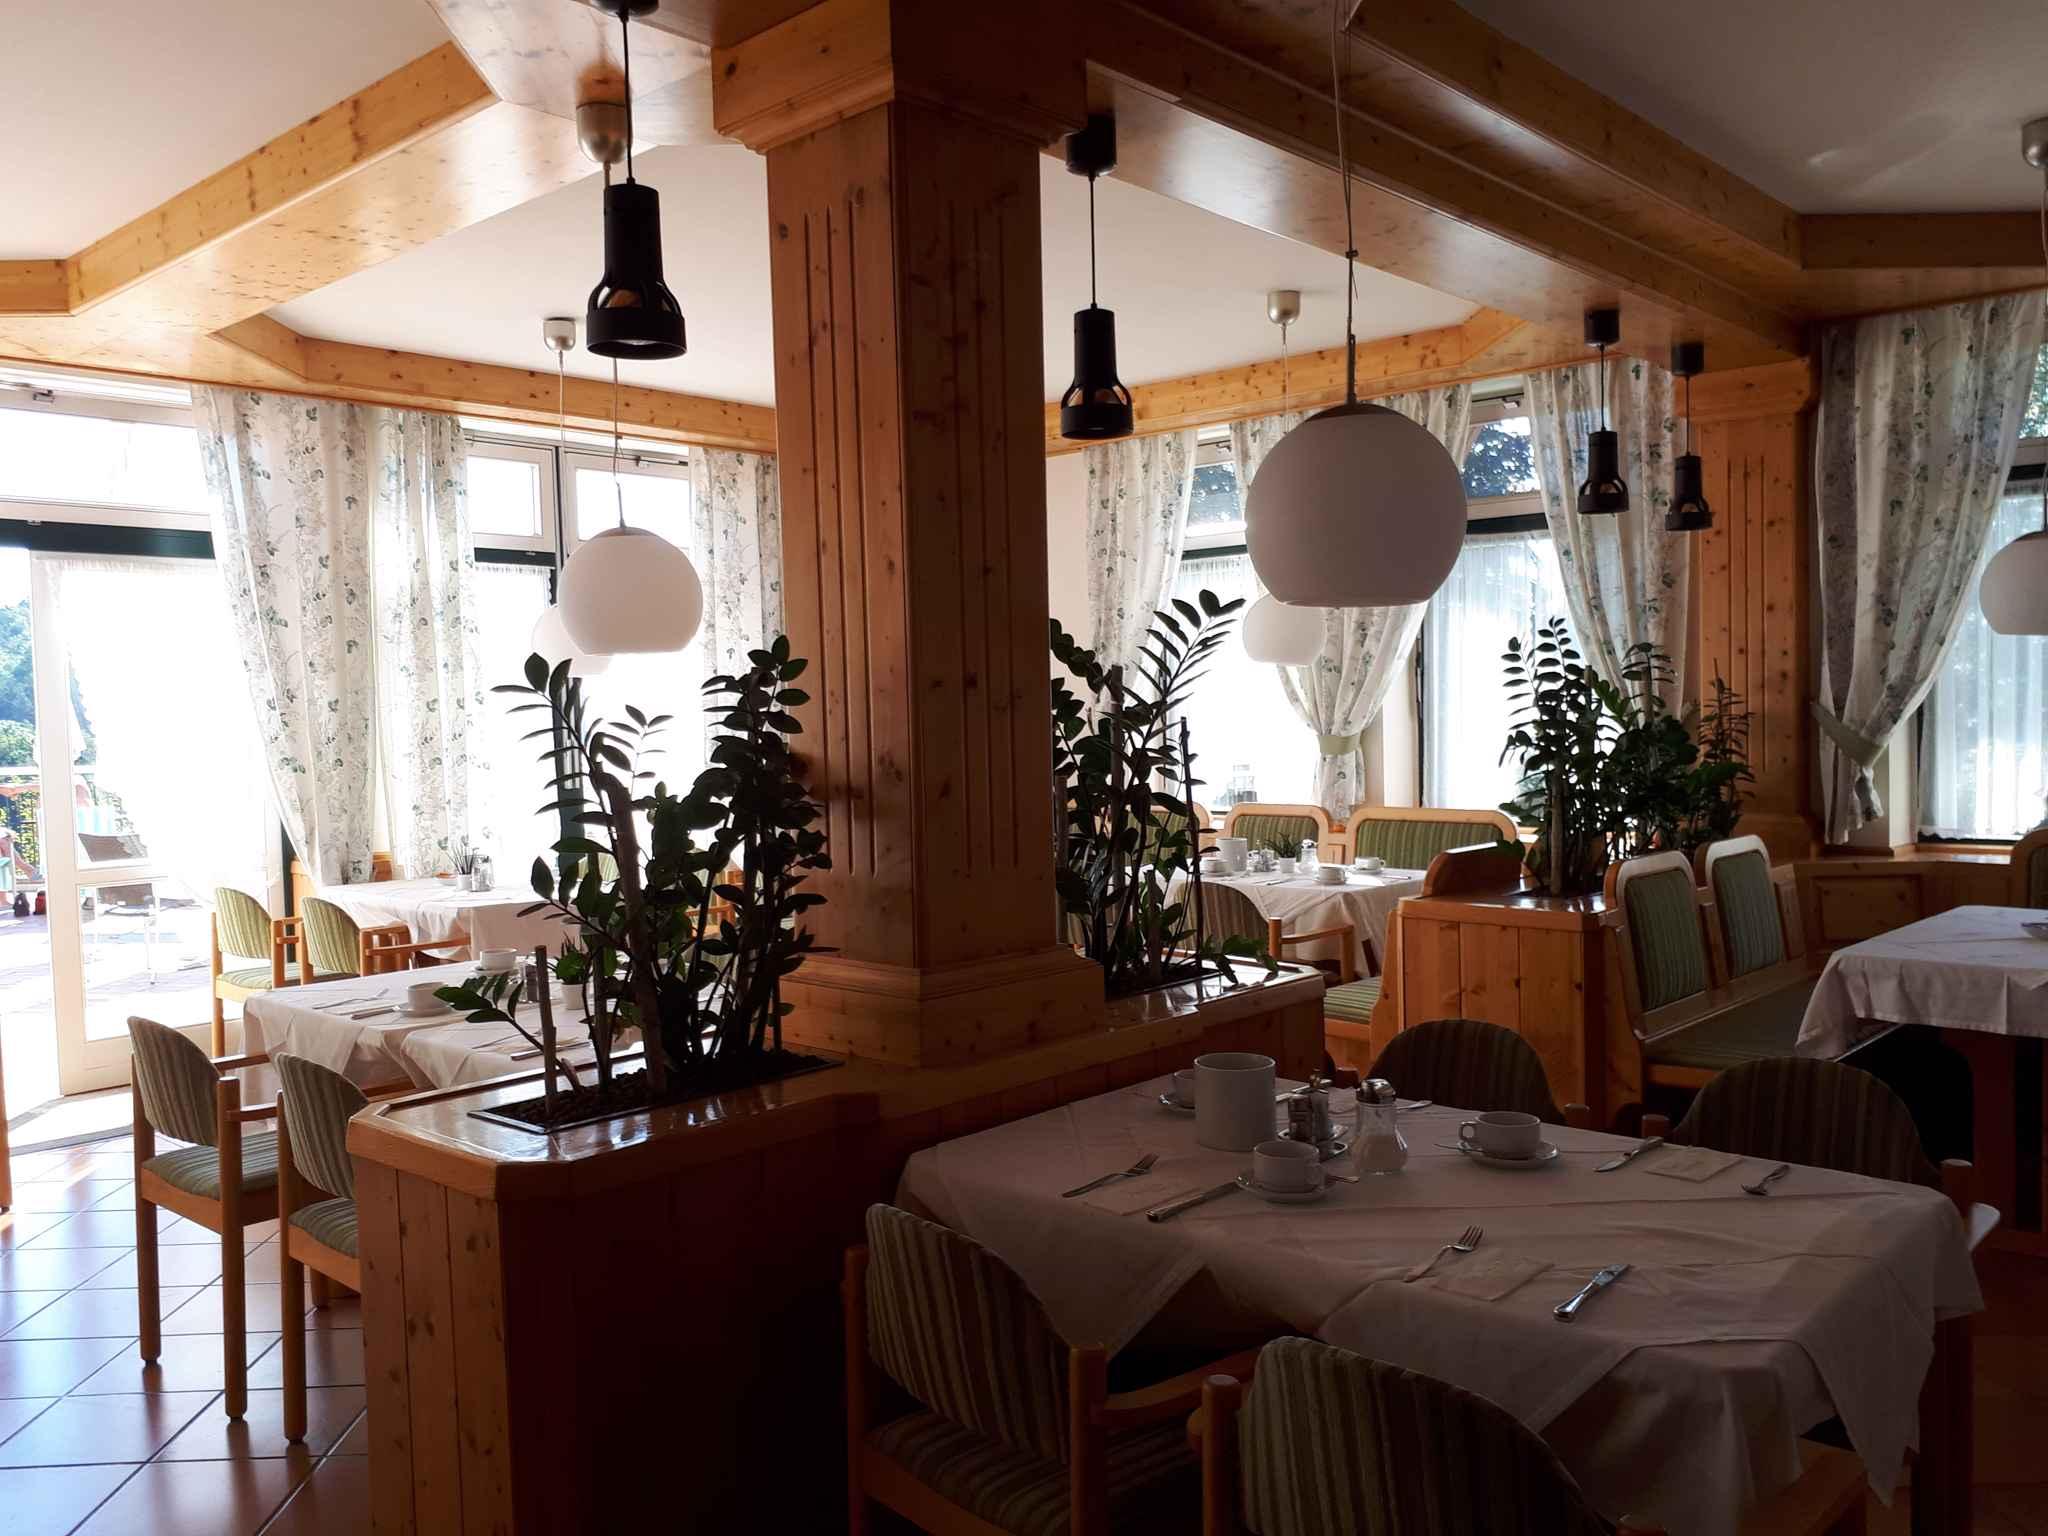 Ferienhaus im Thermal-Biodorf inkl. Wellness (430208), Bad Waltersdorf, Oststeiermark, Steiermark, Österreich, Bild 29